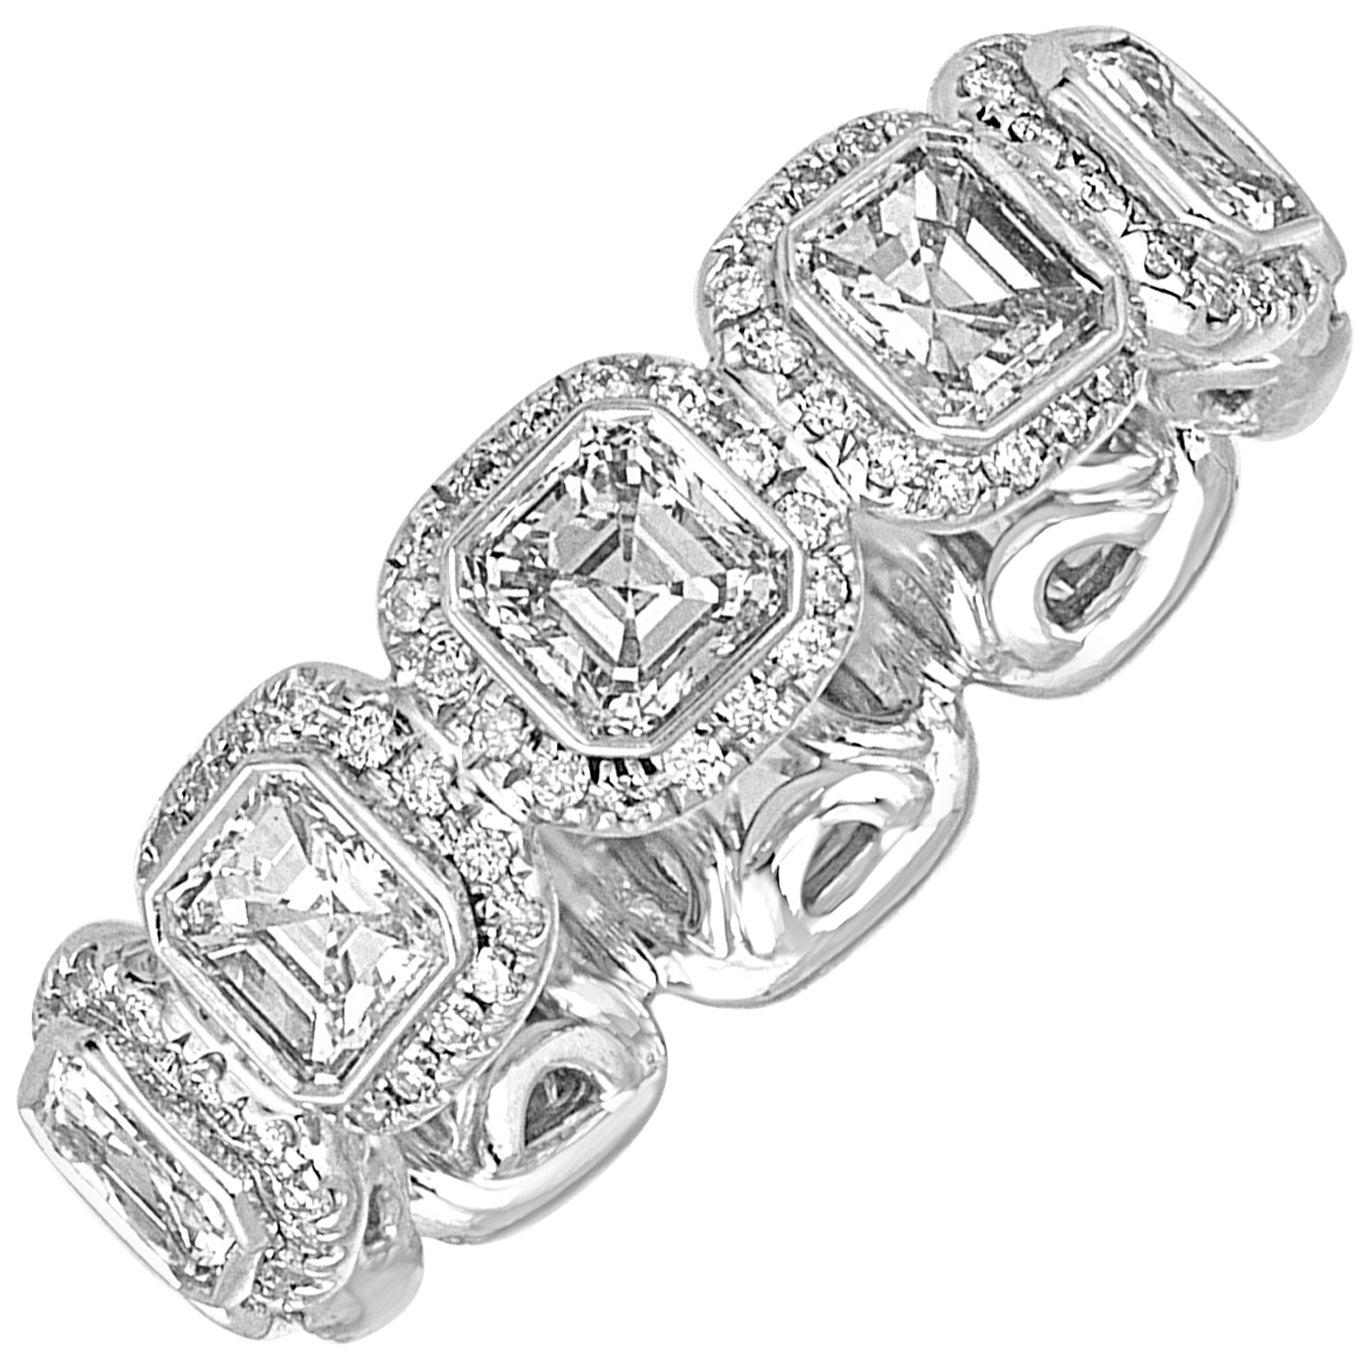 3.22 Carats Asscher Cut Eternity Diamond Platinum Band Ring